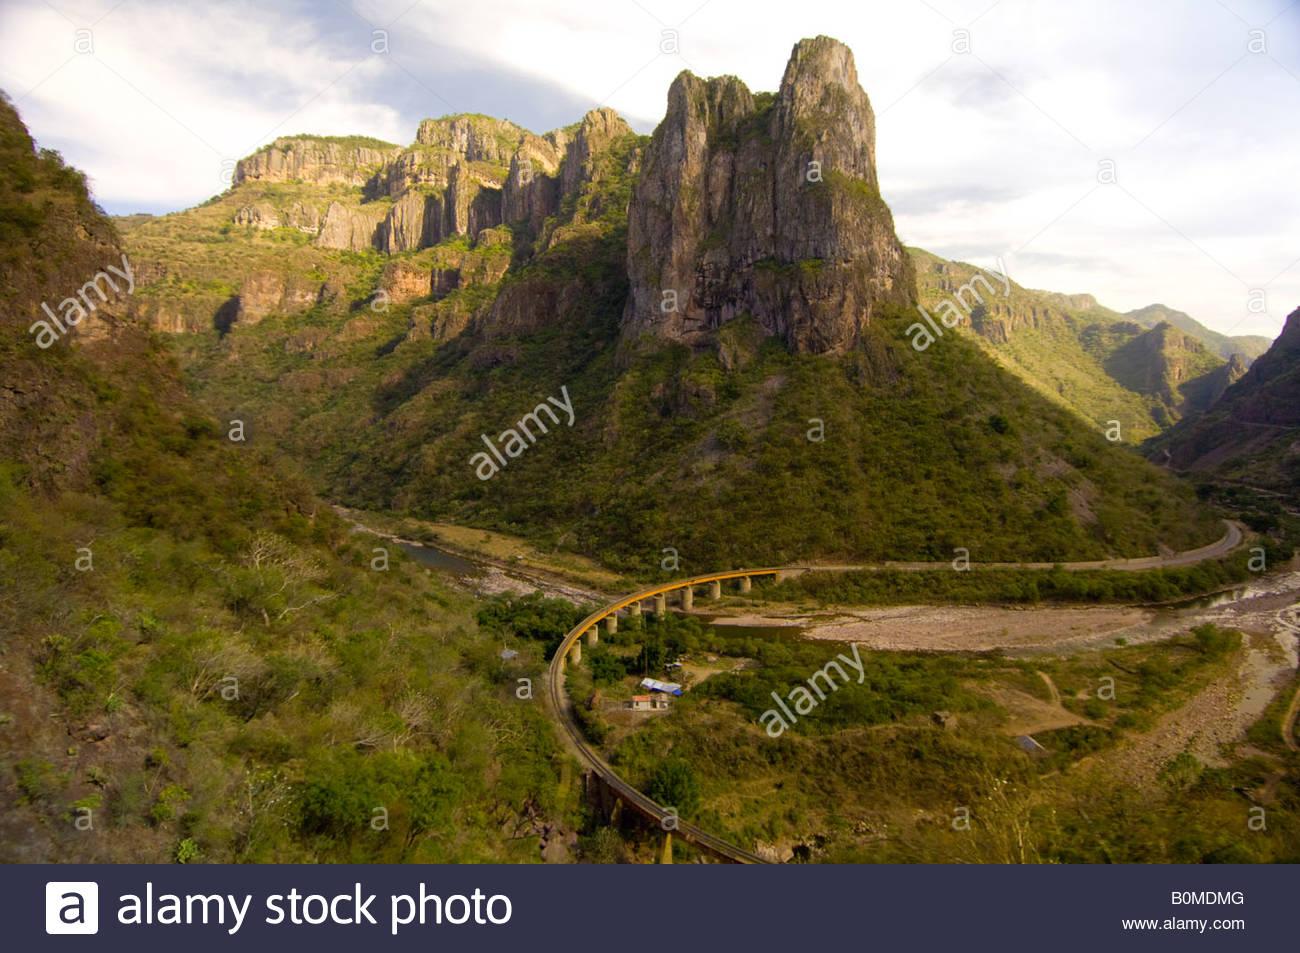 View from the Chihuahua al Pacifico Railroad Chepe train down onto the Santa Barbara Bridge near Temoris the Copper - Stock Image